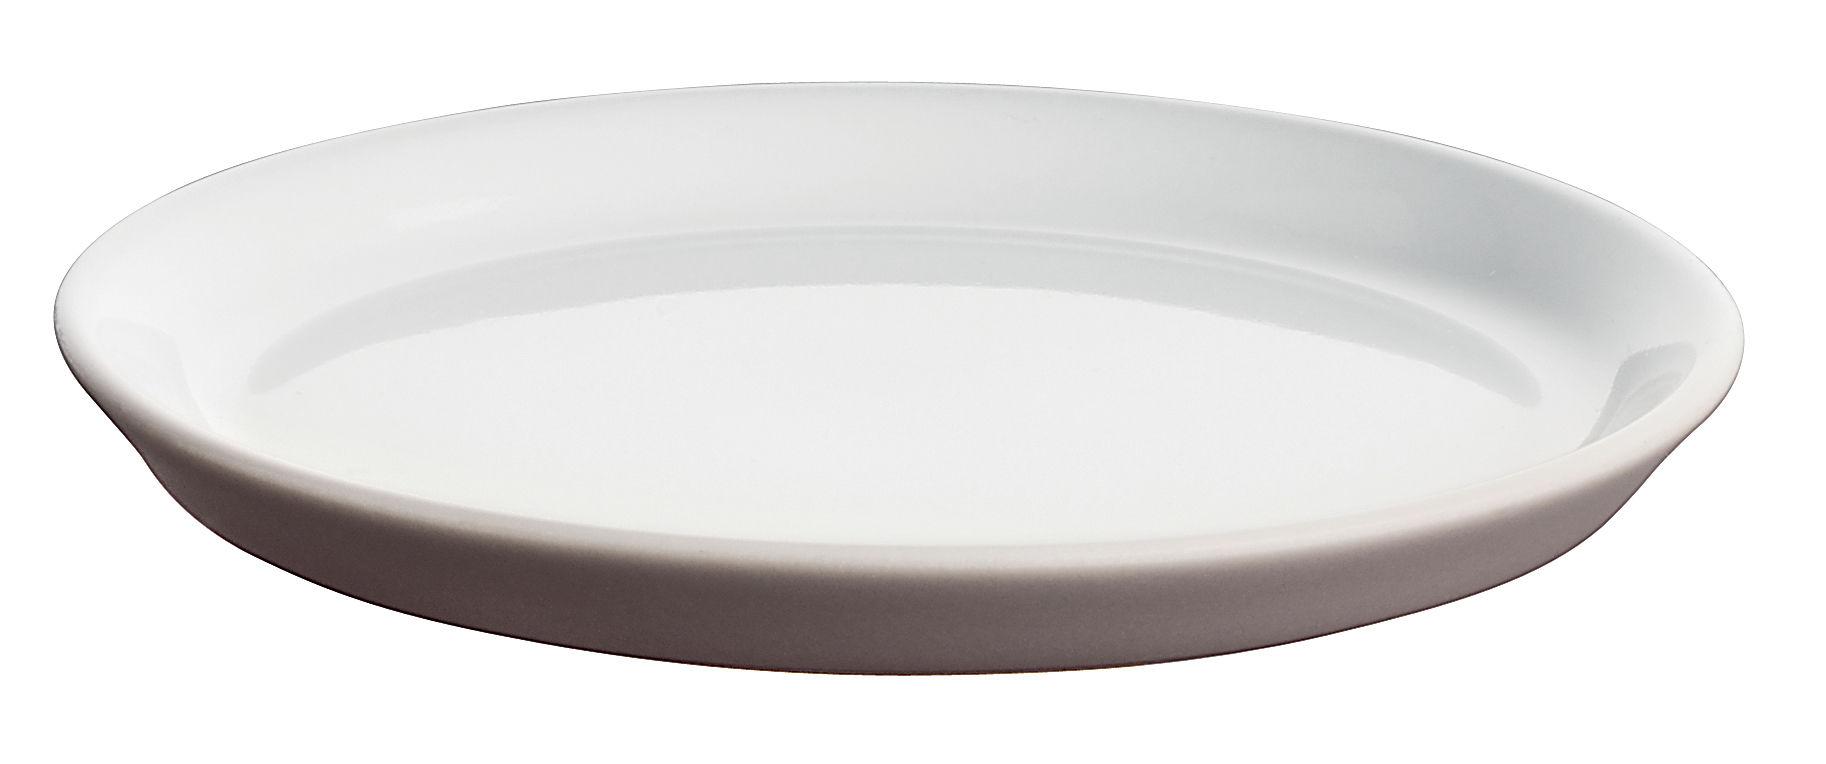 Arts de la table - Tasses et mugs - Soucoupe pour tasse expresso Tonale - Alessi - Soucoupe / Taupe - Céramique Stoneware